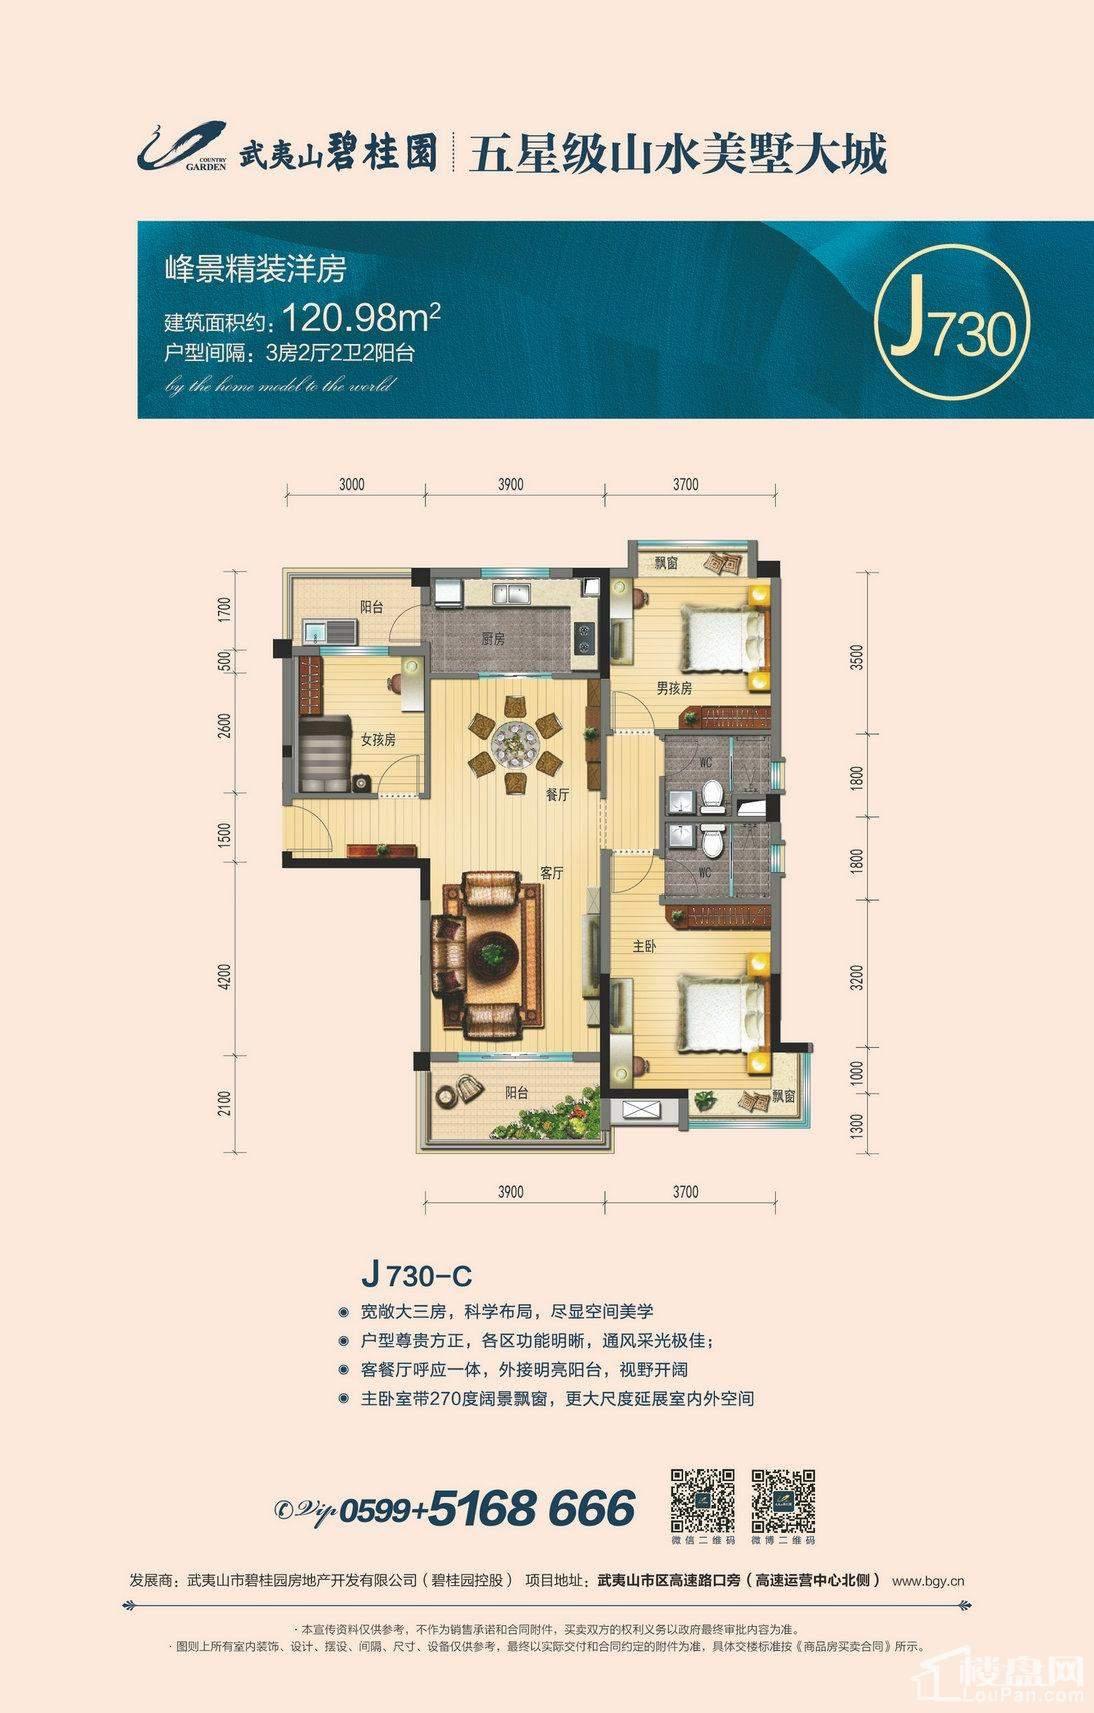 J730-C 峰景精装洋房